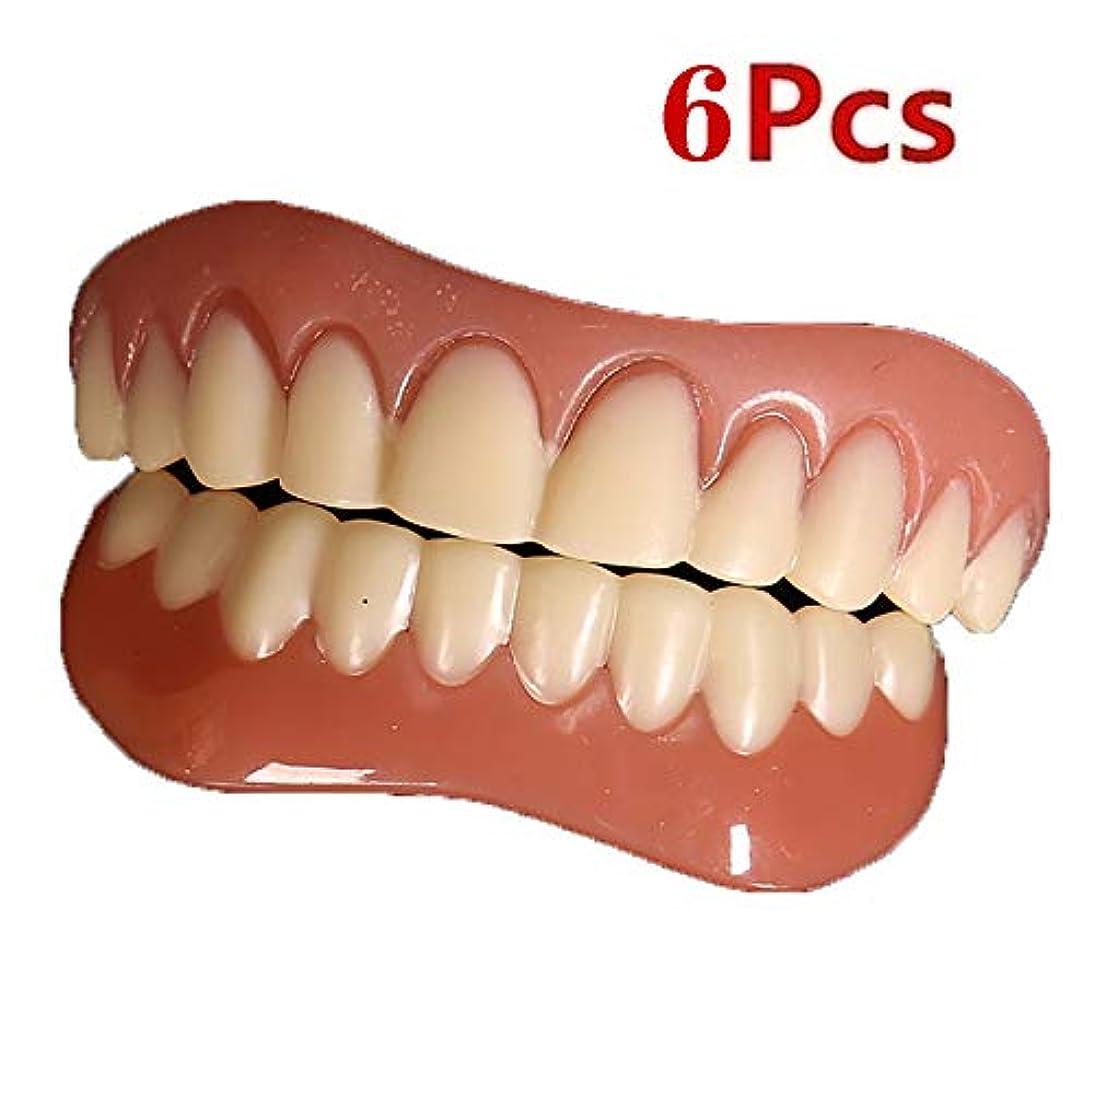 流暢泣くペンス即時の微笑の歯の上部のより低いベニヤの慰めの適合の歯のベニヤ、歯科ベニヤの慰めの適合の歯の上の化粧品のベニヤワンサイズはすべての義歯の接着剤の歯に入れます